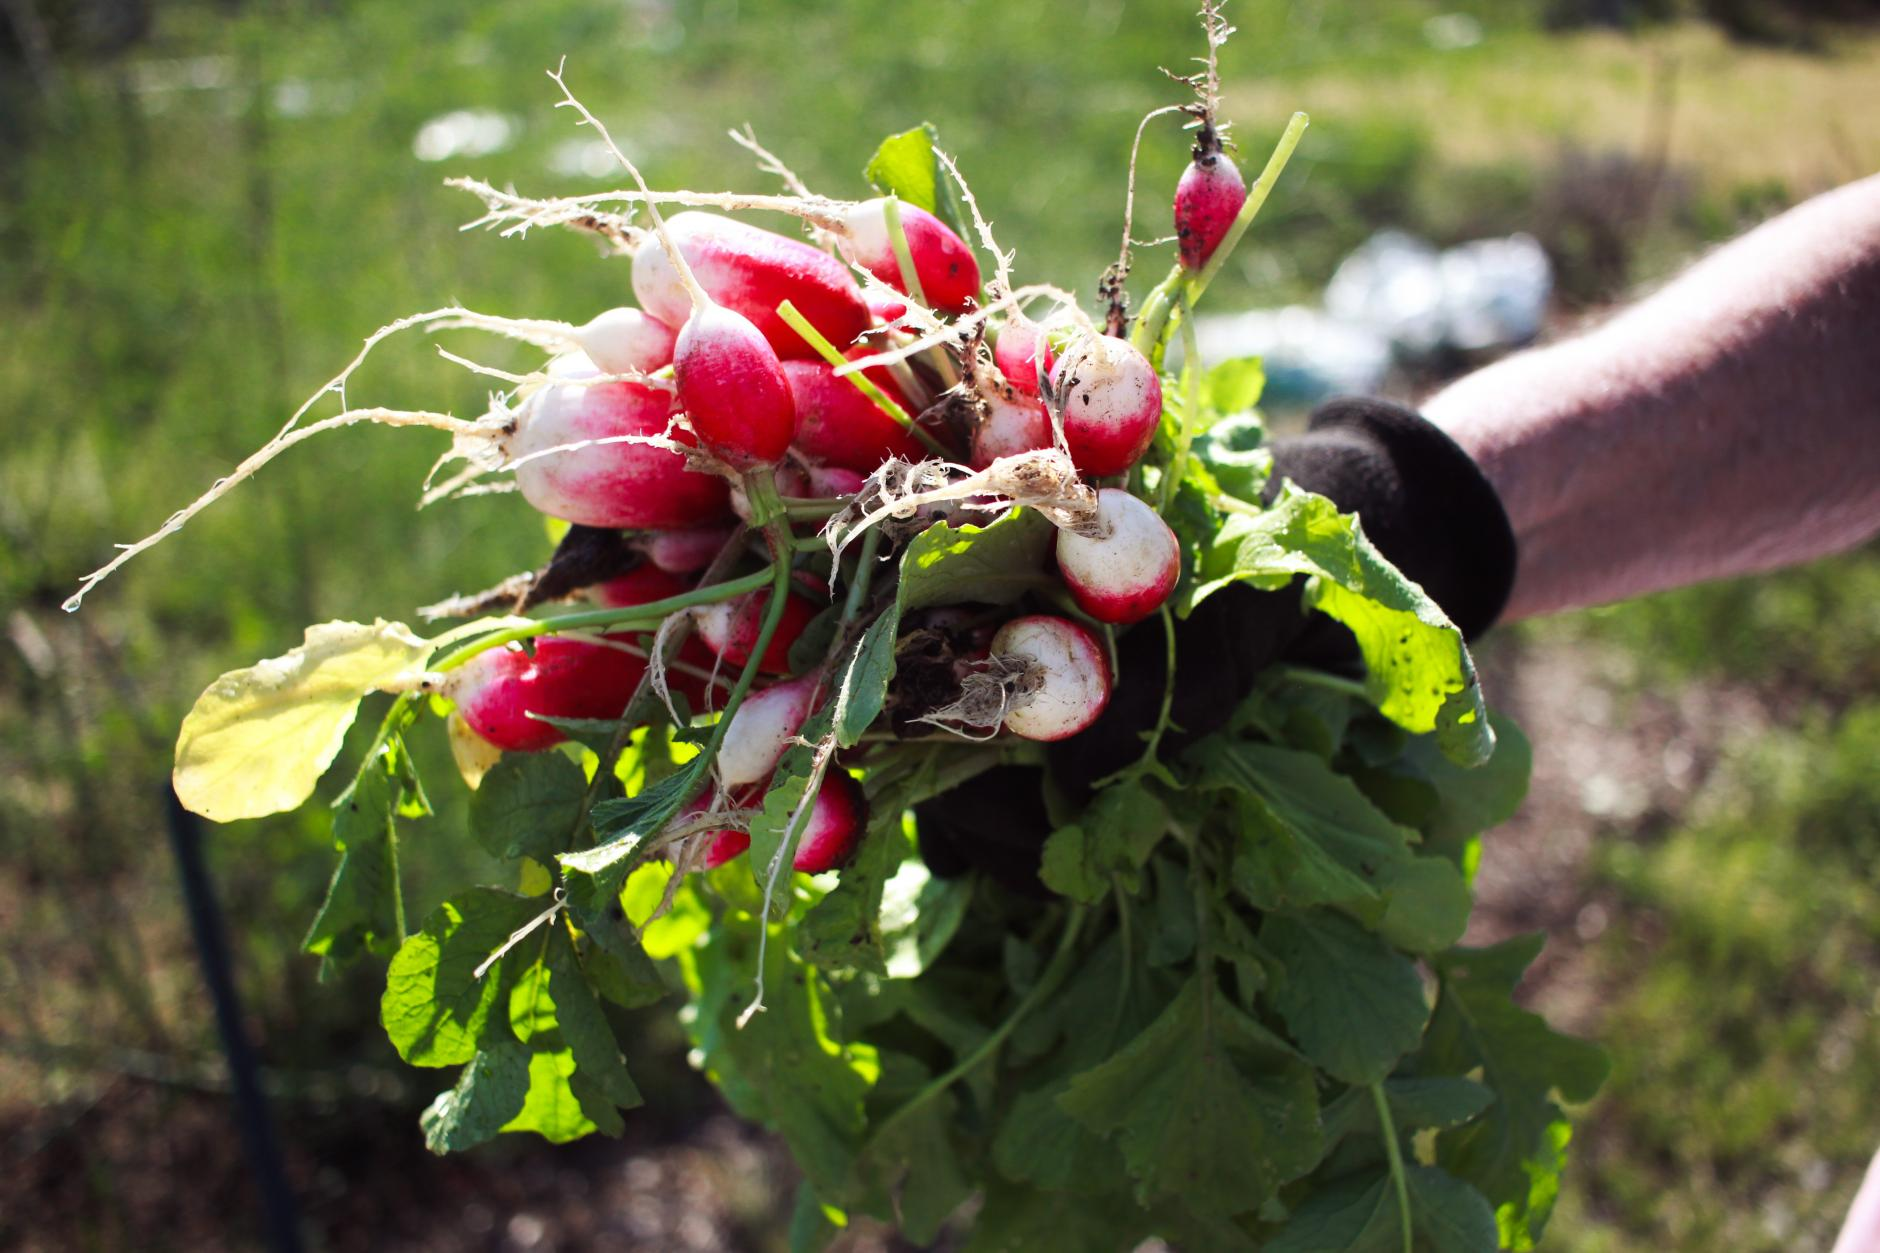 10 verduras de rápido crecimiento que puedes cosechar en poco tiempo